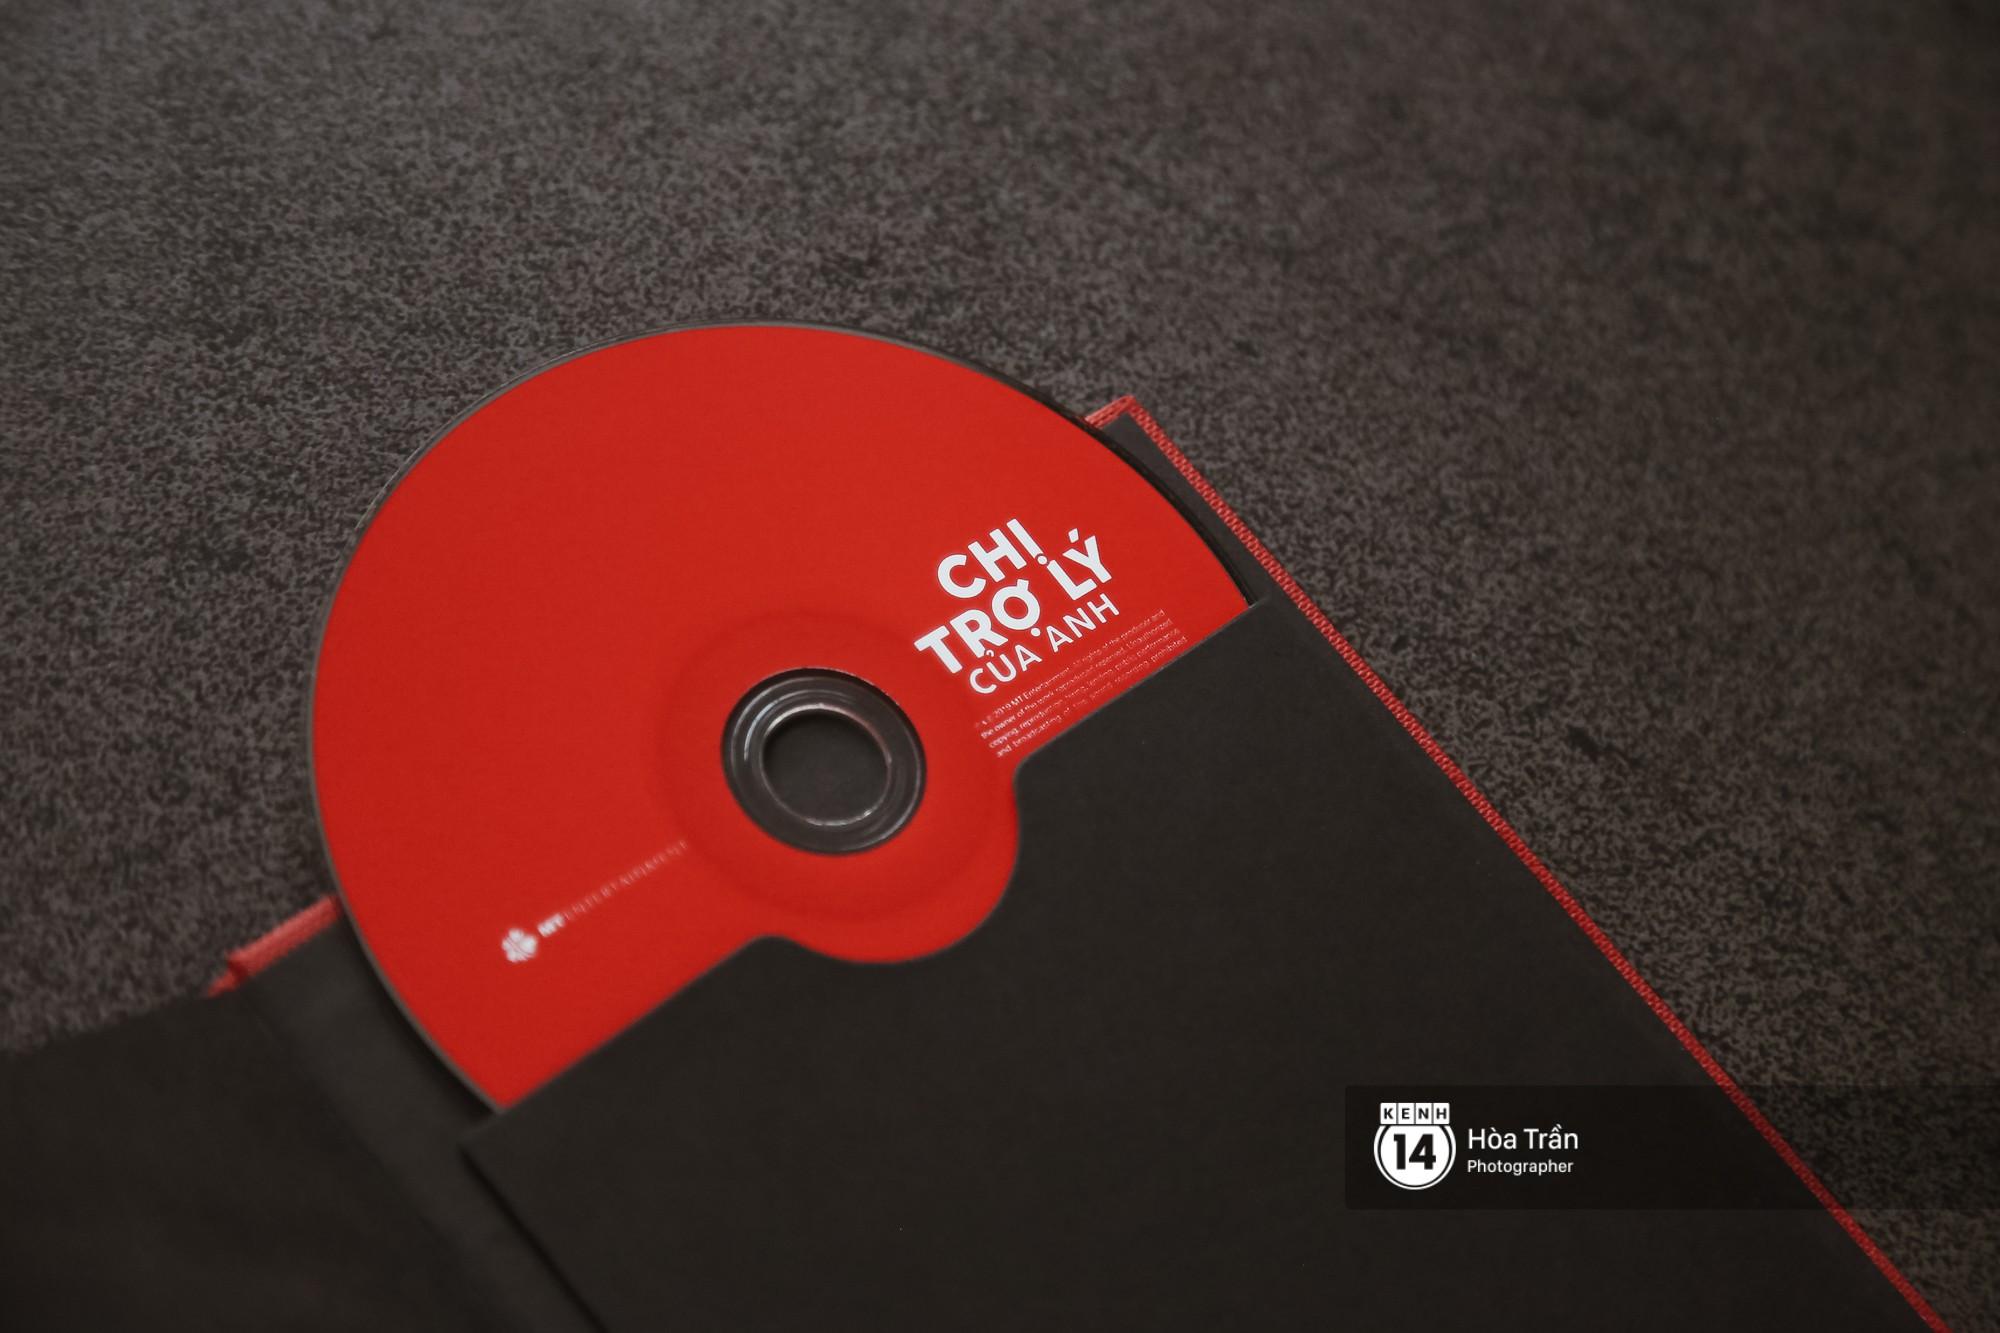 Đập hộp album nhạc phim của Mỹ Tâm: Hơn một nửa là bài cũ, tiêu thụ 4000 bản chỉ trong 2 giờ! - Ảnh 3.